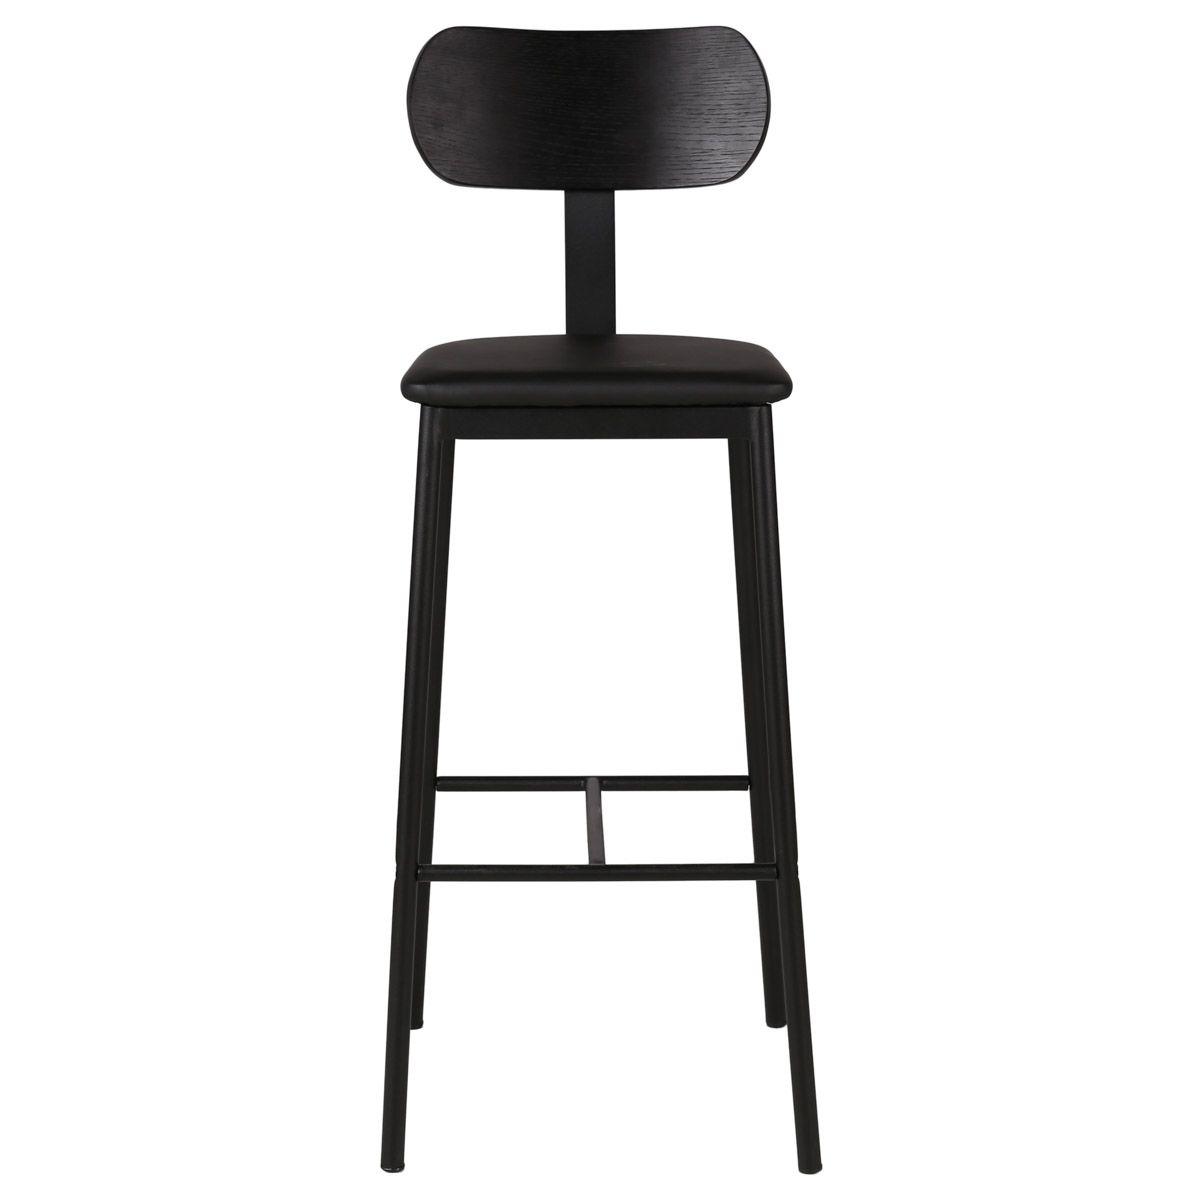 Chaise de bar bois en chêne plaqué et tissu  structure métal  noir